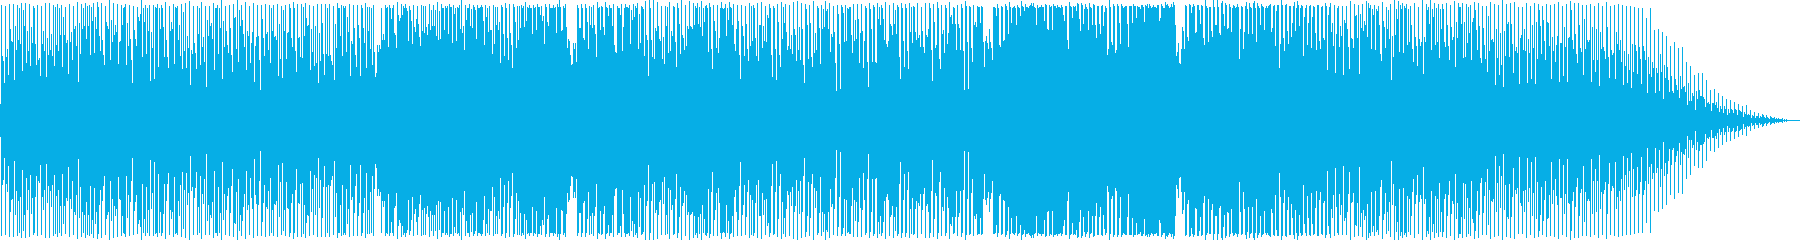 切ないシンセポップテクノ系の再生済みの波形